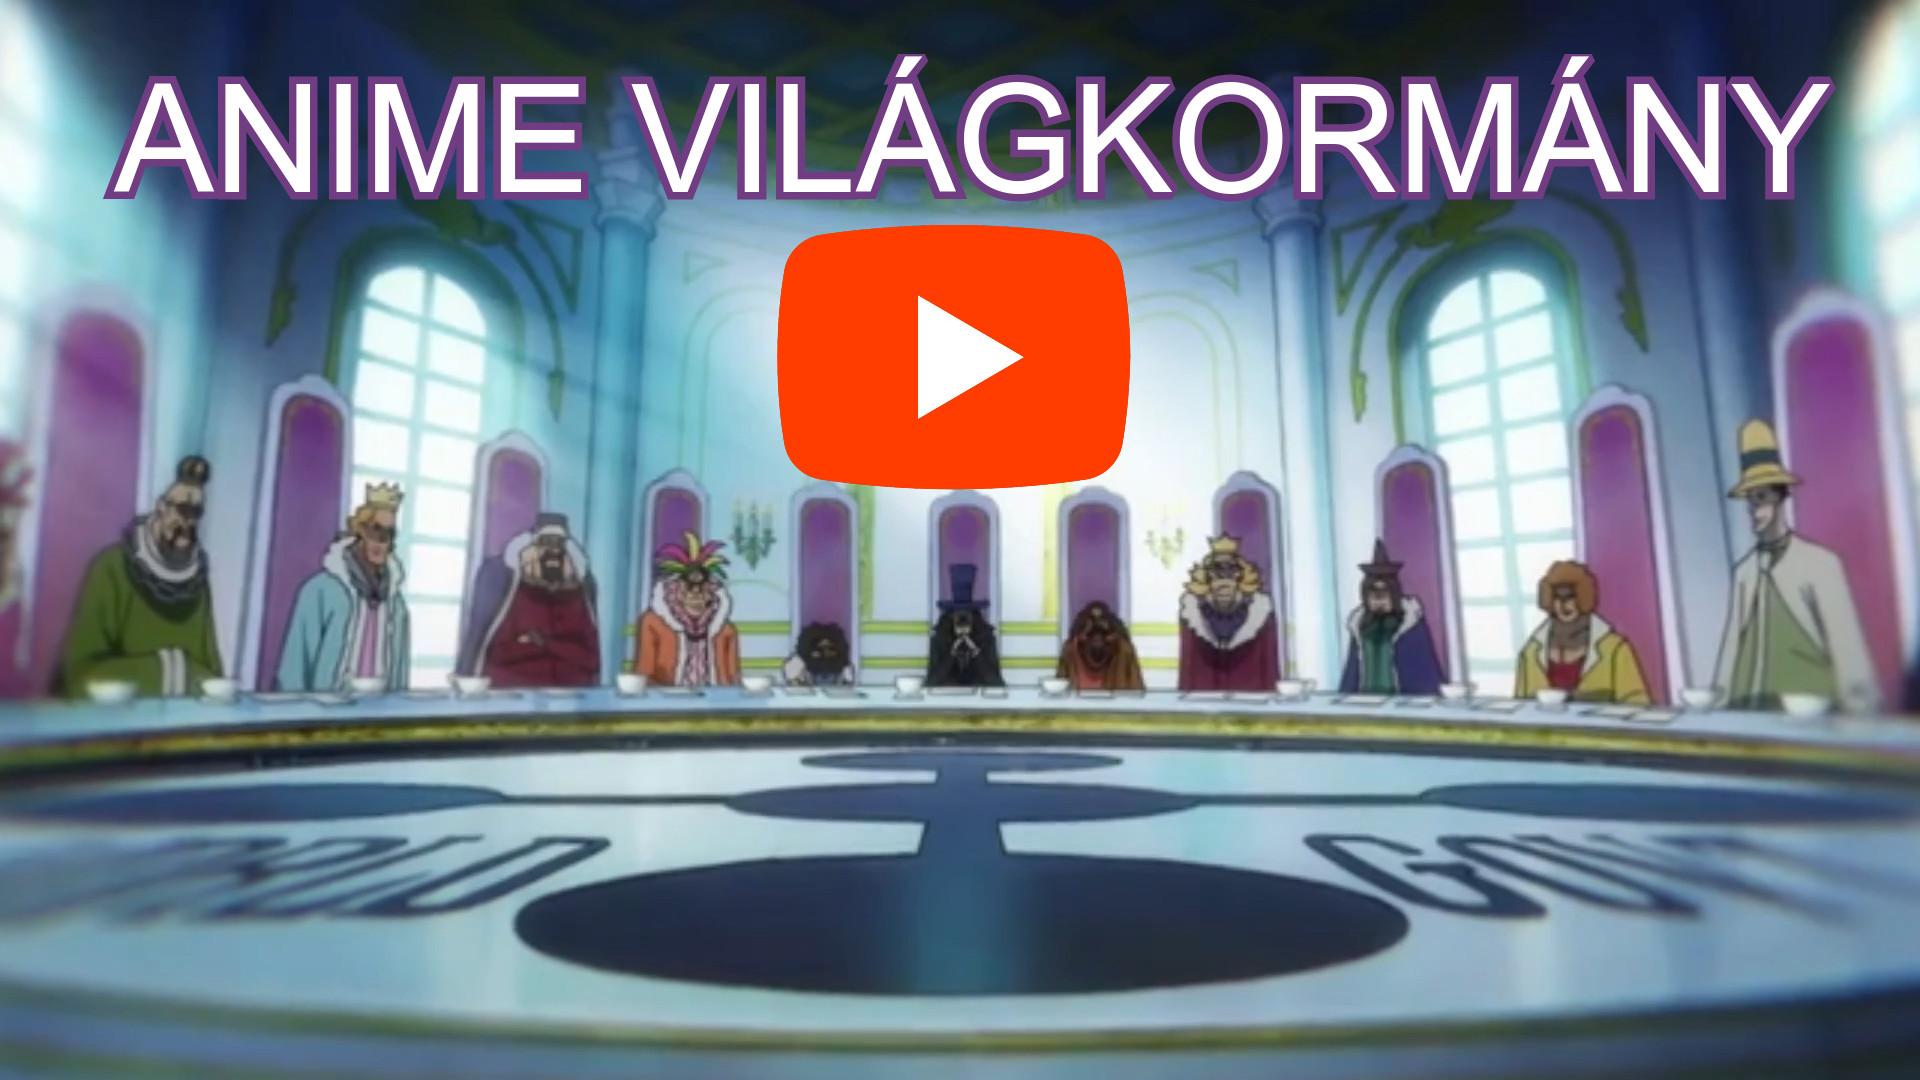 VilágKormányos Anime One Piece sorozat magyar feliratos video részlet